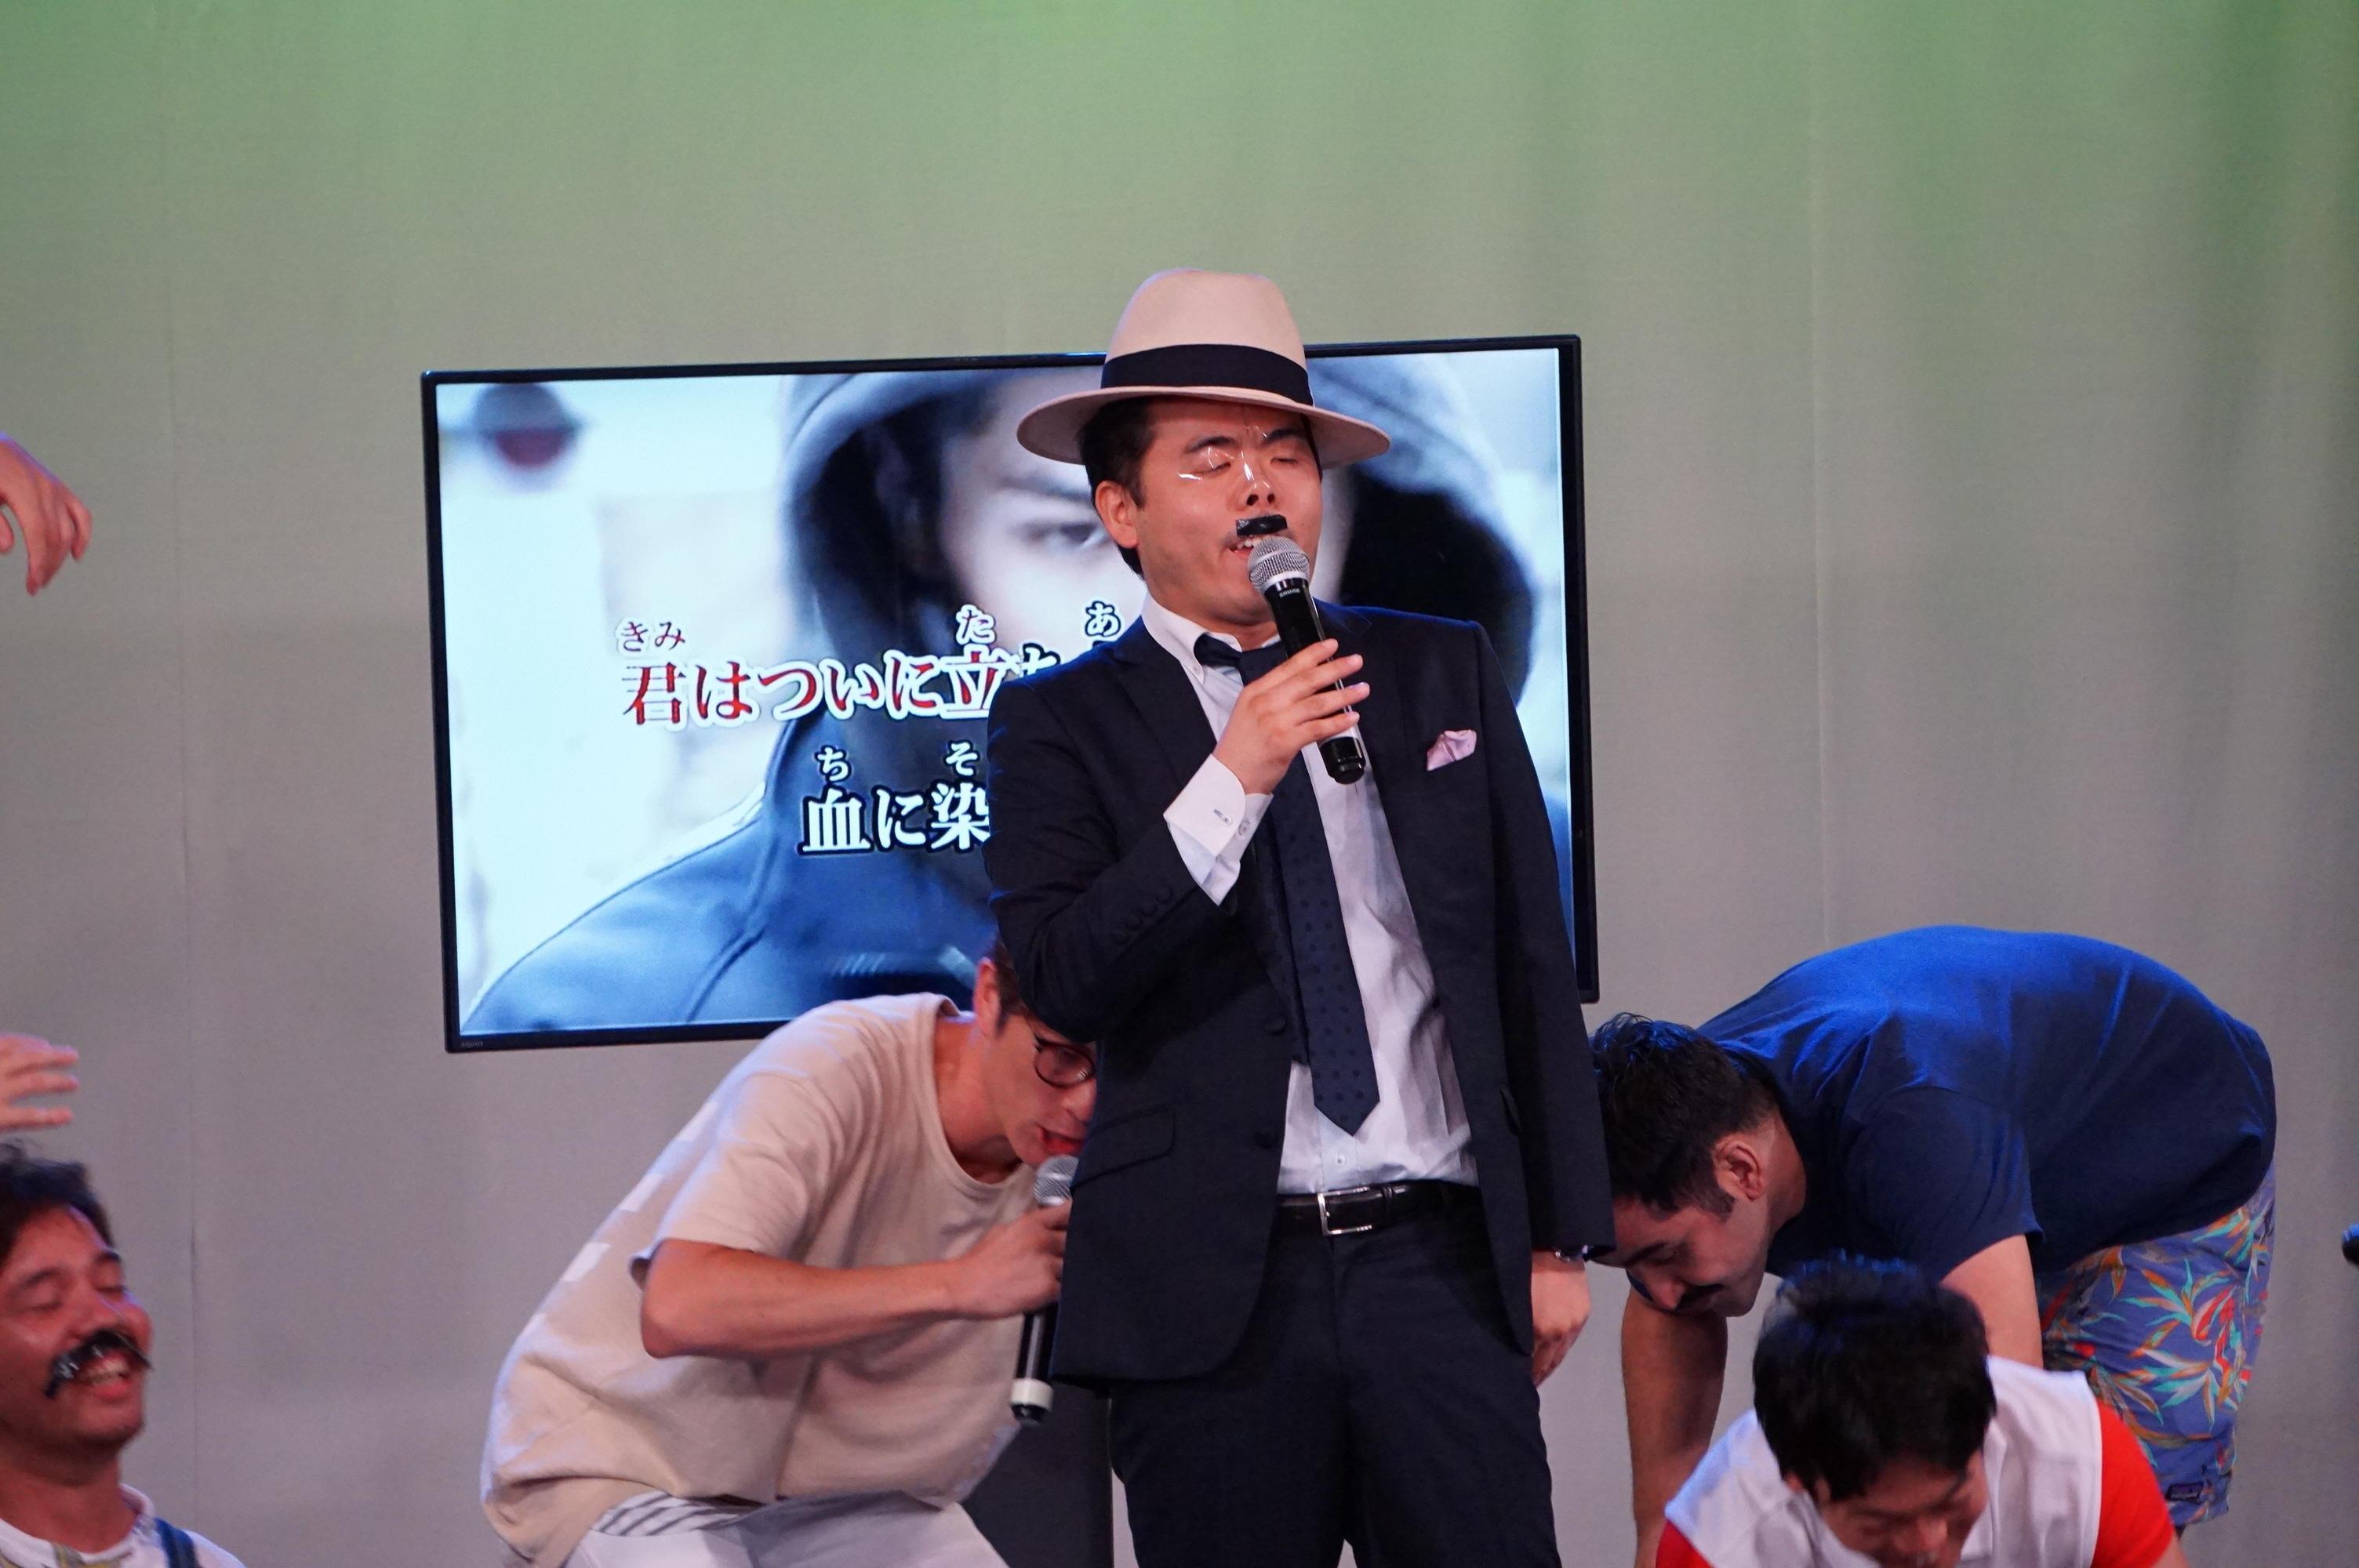 http://news.yoshimoto.co.jp/20160729182123-6983daa340cd1e42b5e6cc9671b686ce5bc11077.jpg